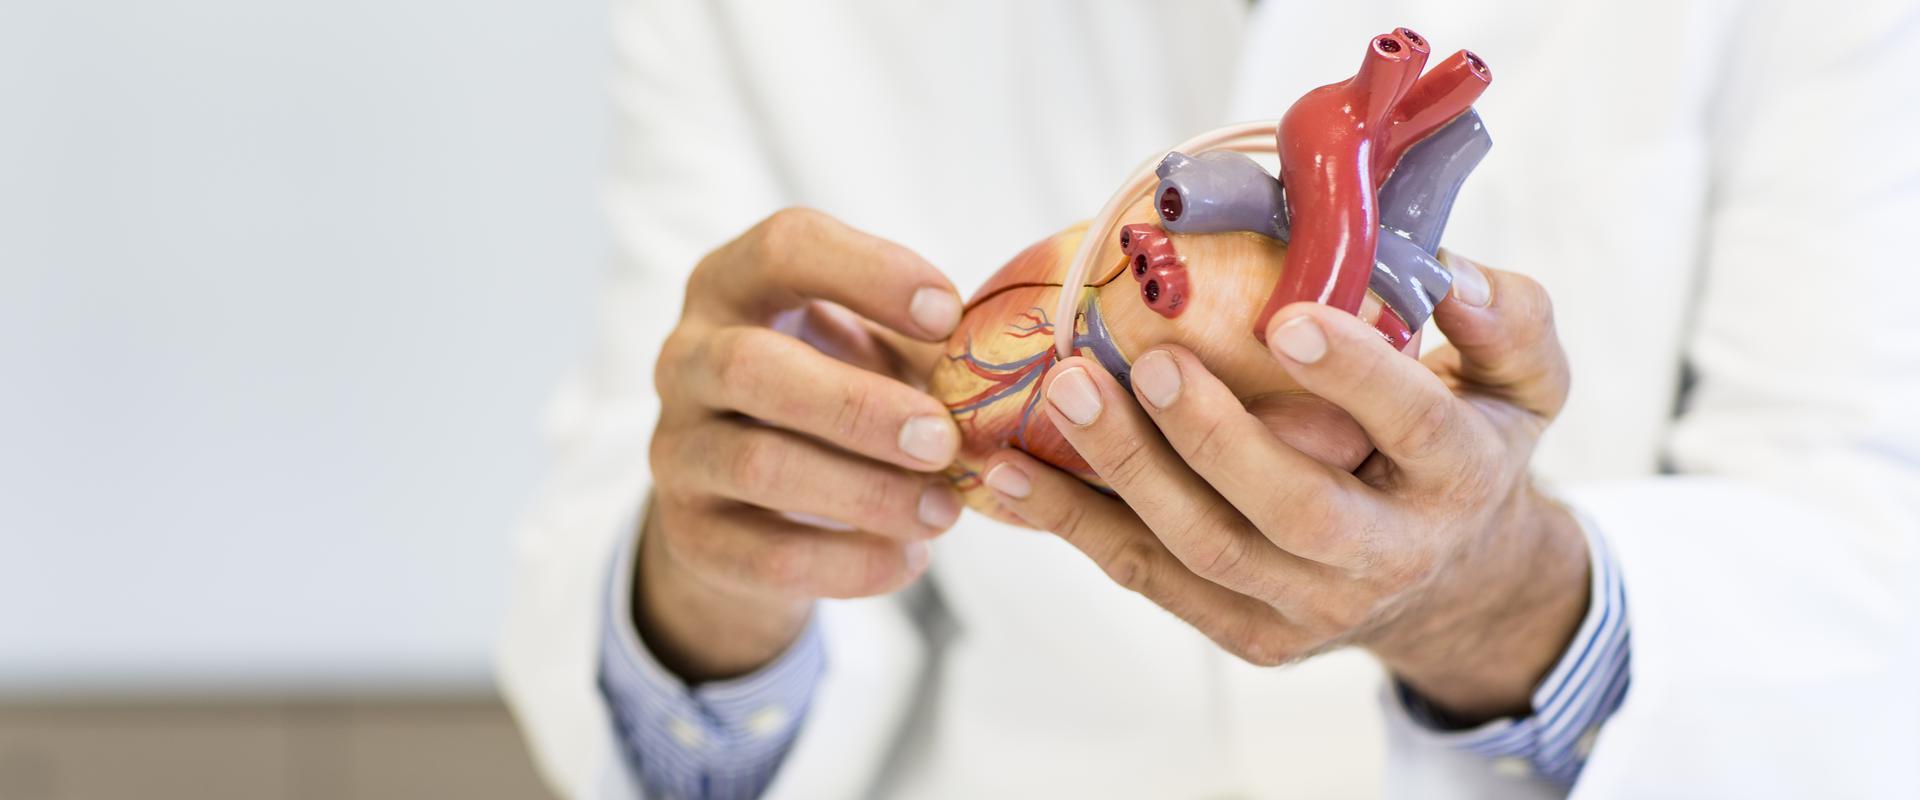 Das menschliche Herz aus Plastik des MEDIAN Reha-Zentrum Bernkastel-Kues Klinik Moselhöhe